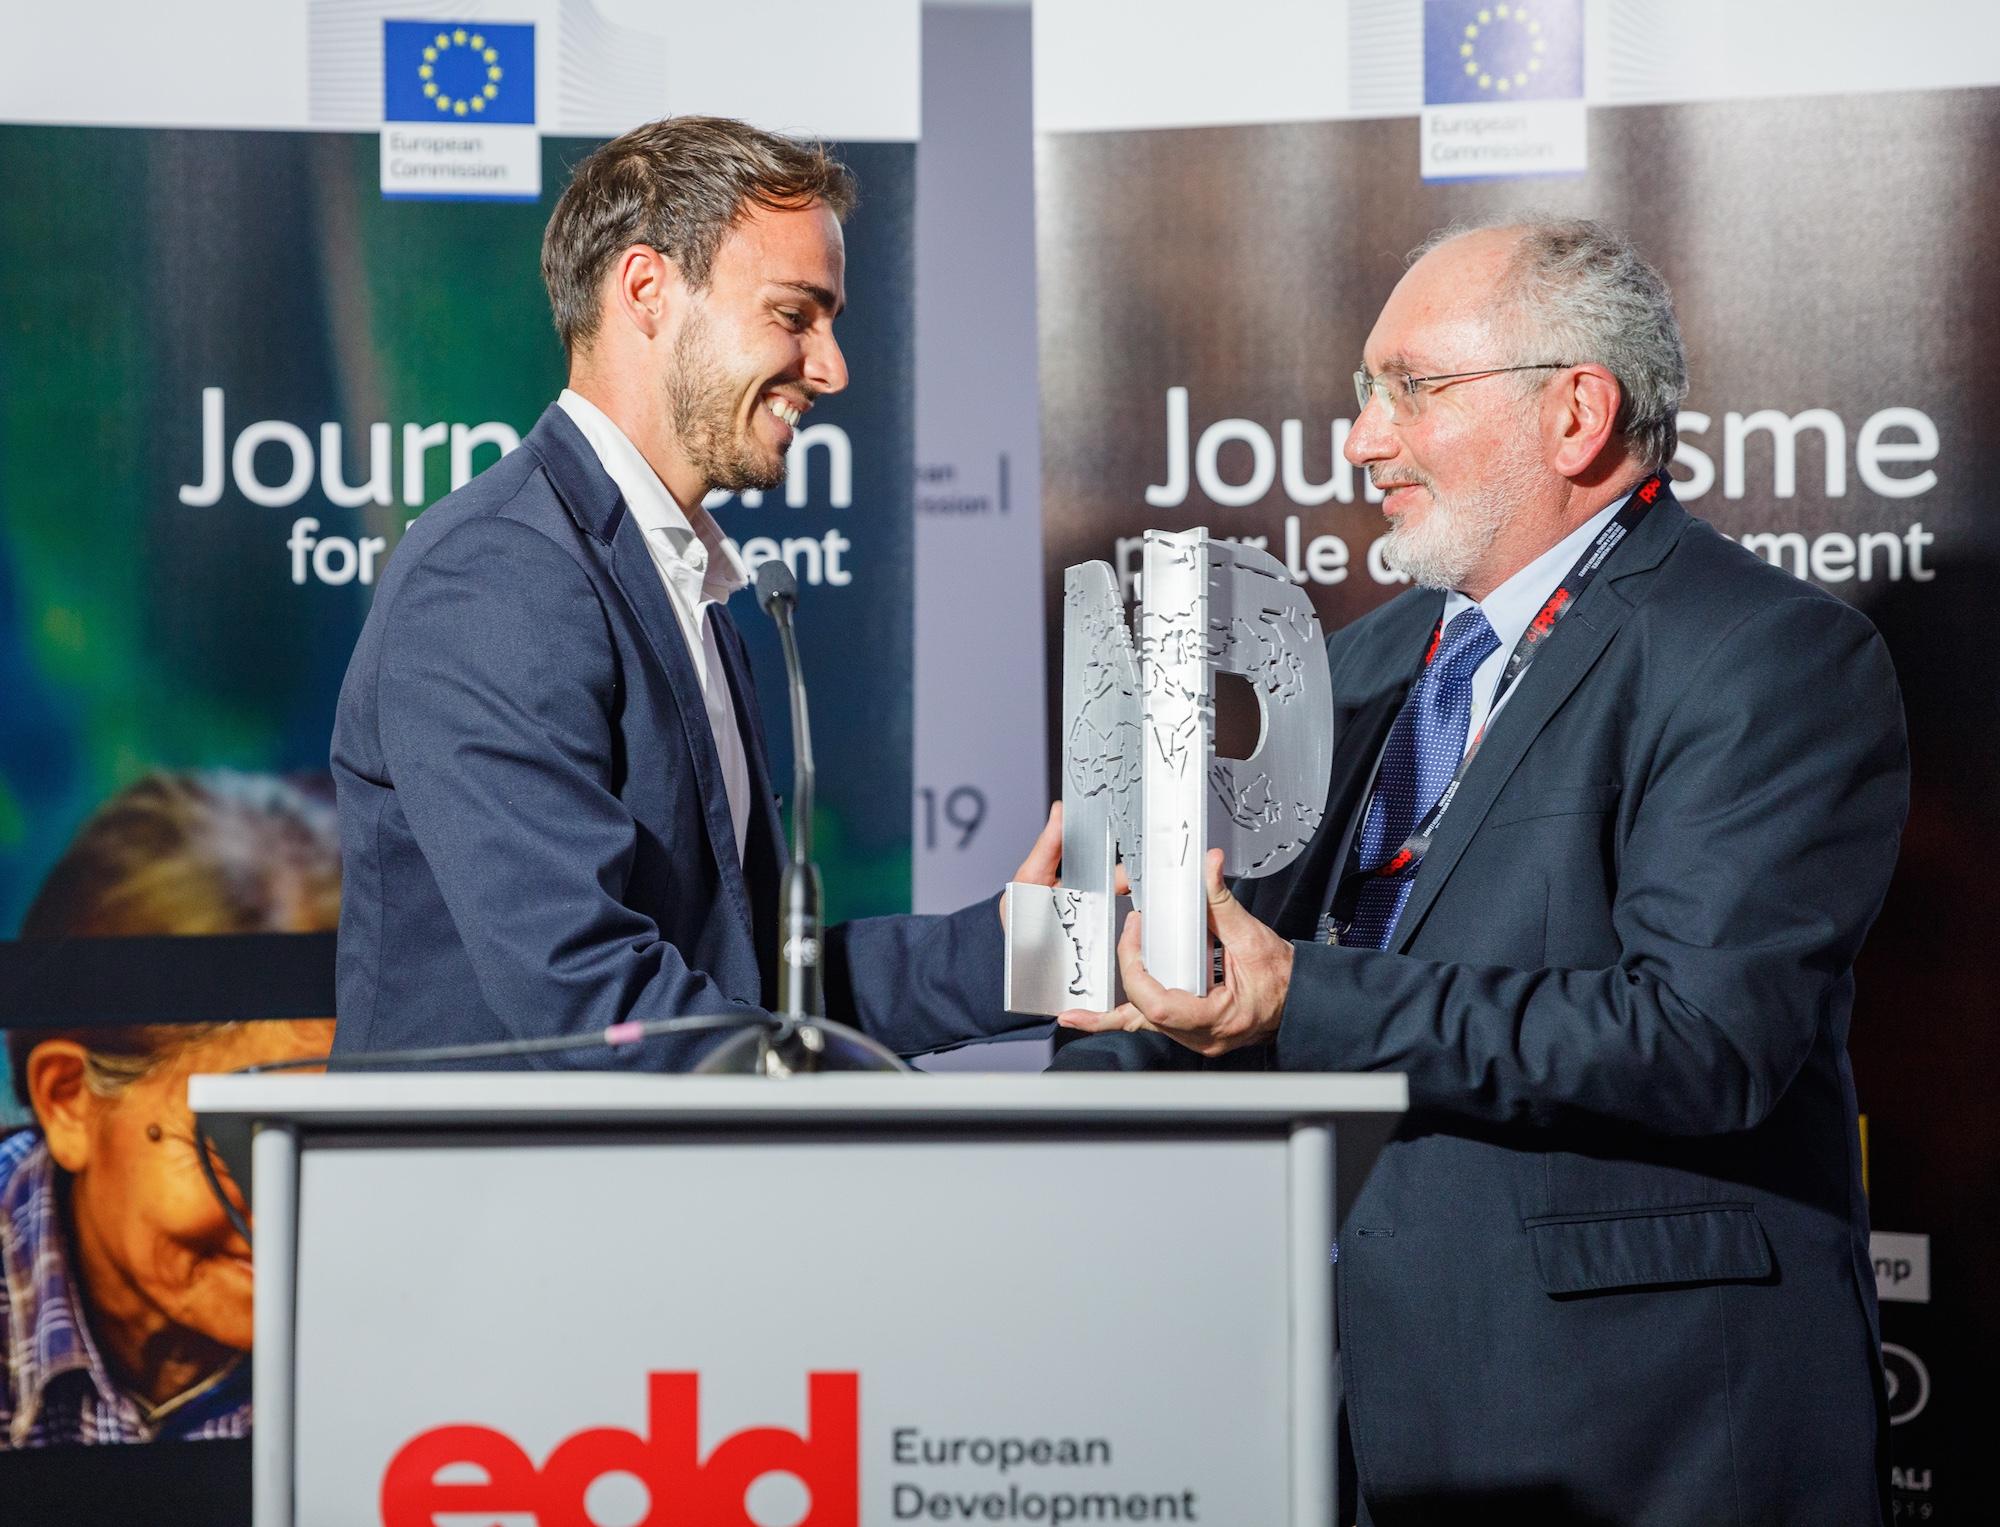 Michel Touma de L'Orient - Le Jour me remet le Prix Lorenzo Natali dans la catégorie meilleur journaliste émergent. © Twane Photographe